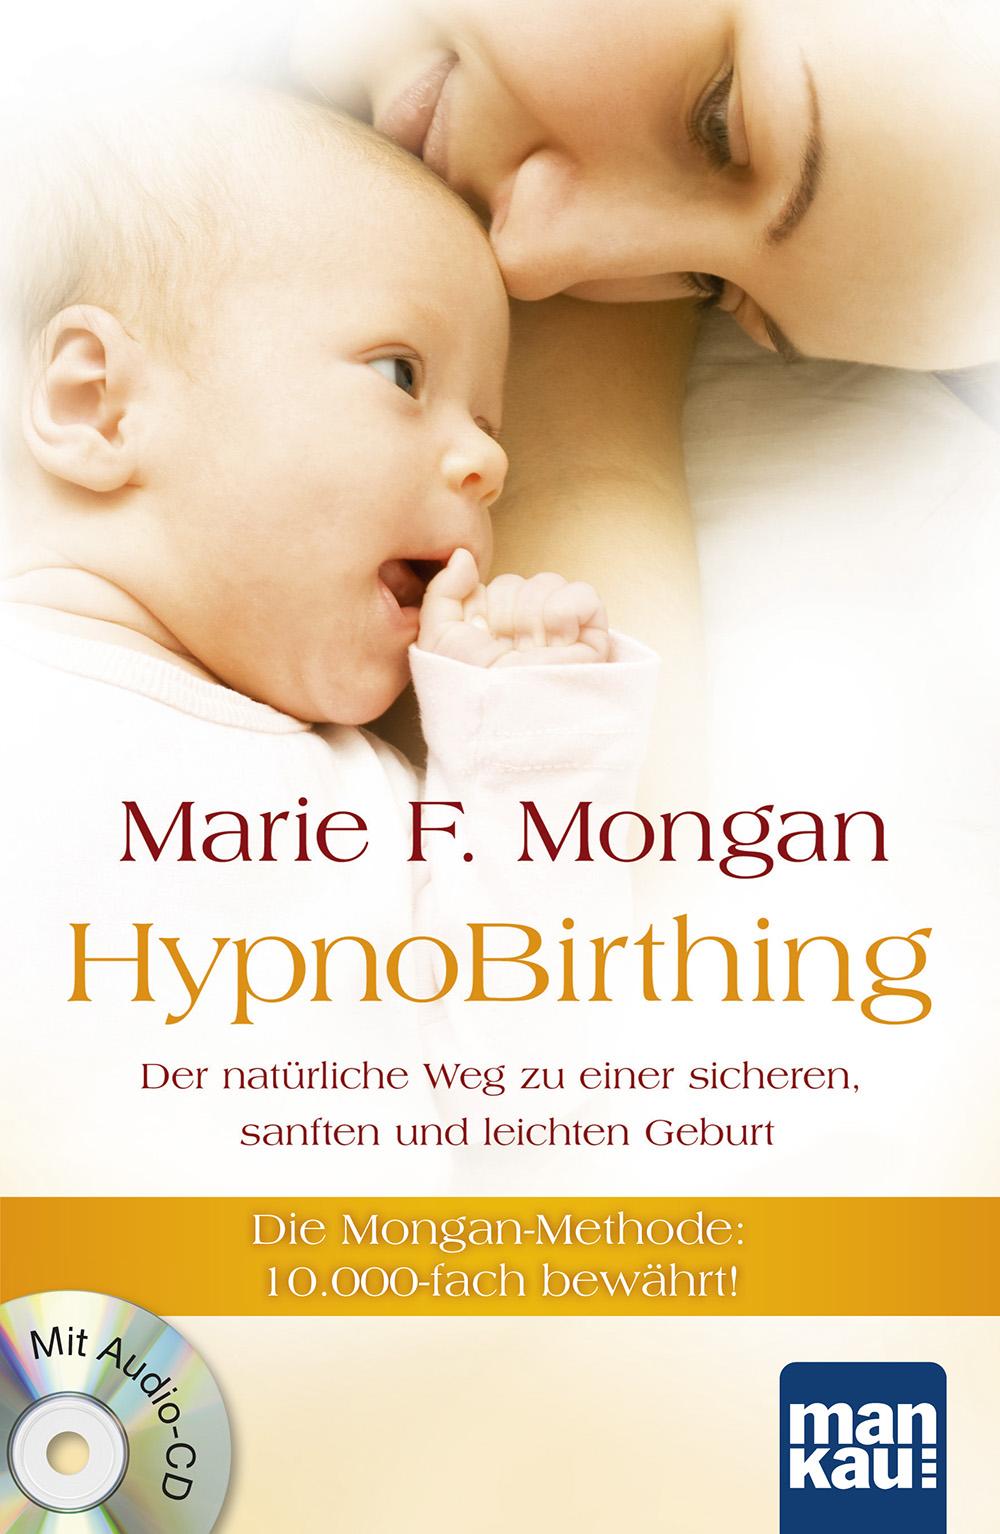 HypnoBirthing. Der natürliche Weg zu einer sicheren, sanften und leichten Geburt: Die Mongan-Methode - 10000fach bewährt